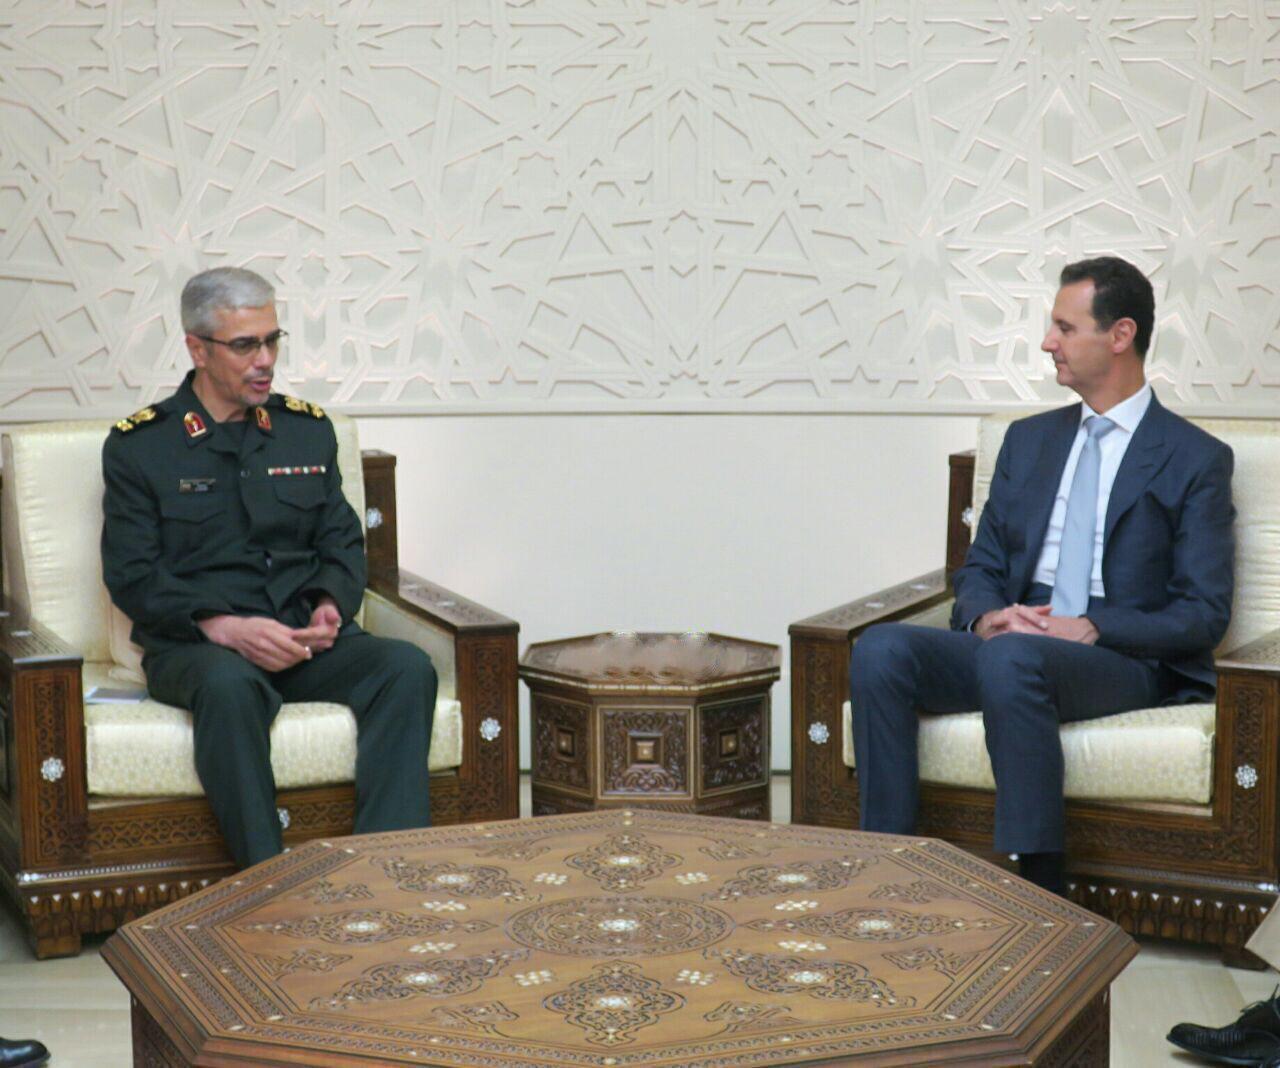 (تصویر) دیدار سرلشکر باقری با اسد